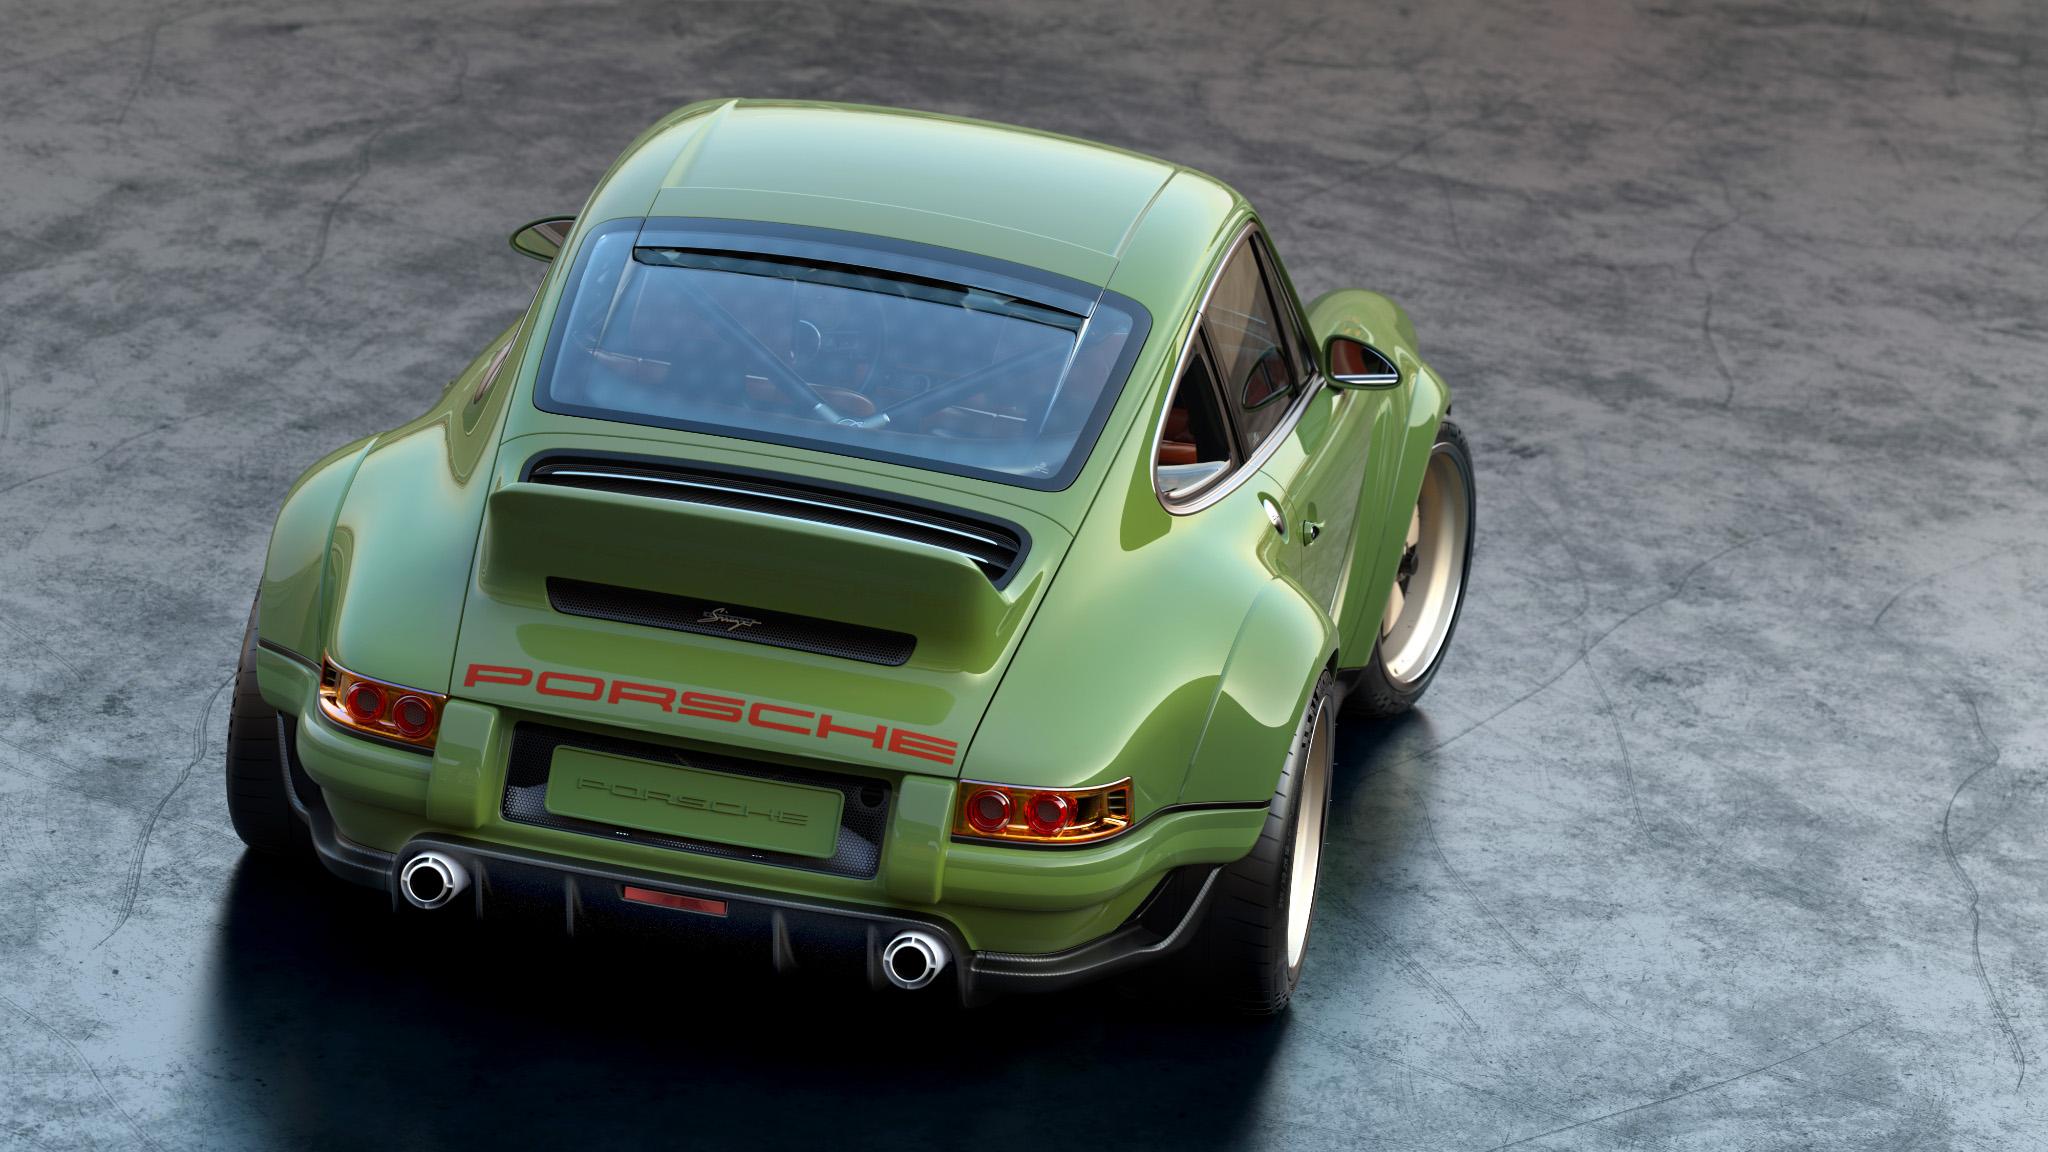 1990 Porsche 911 rear 3/4 high